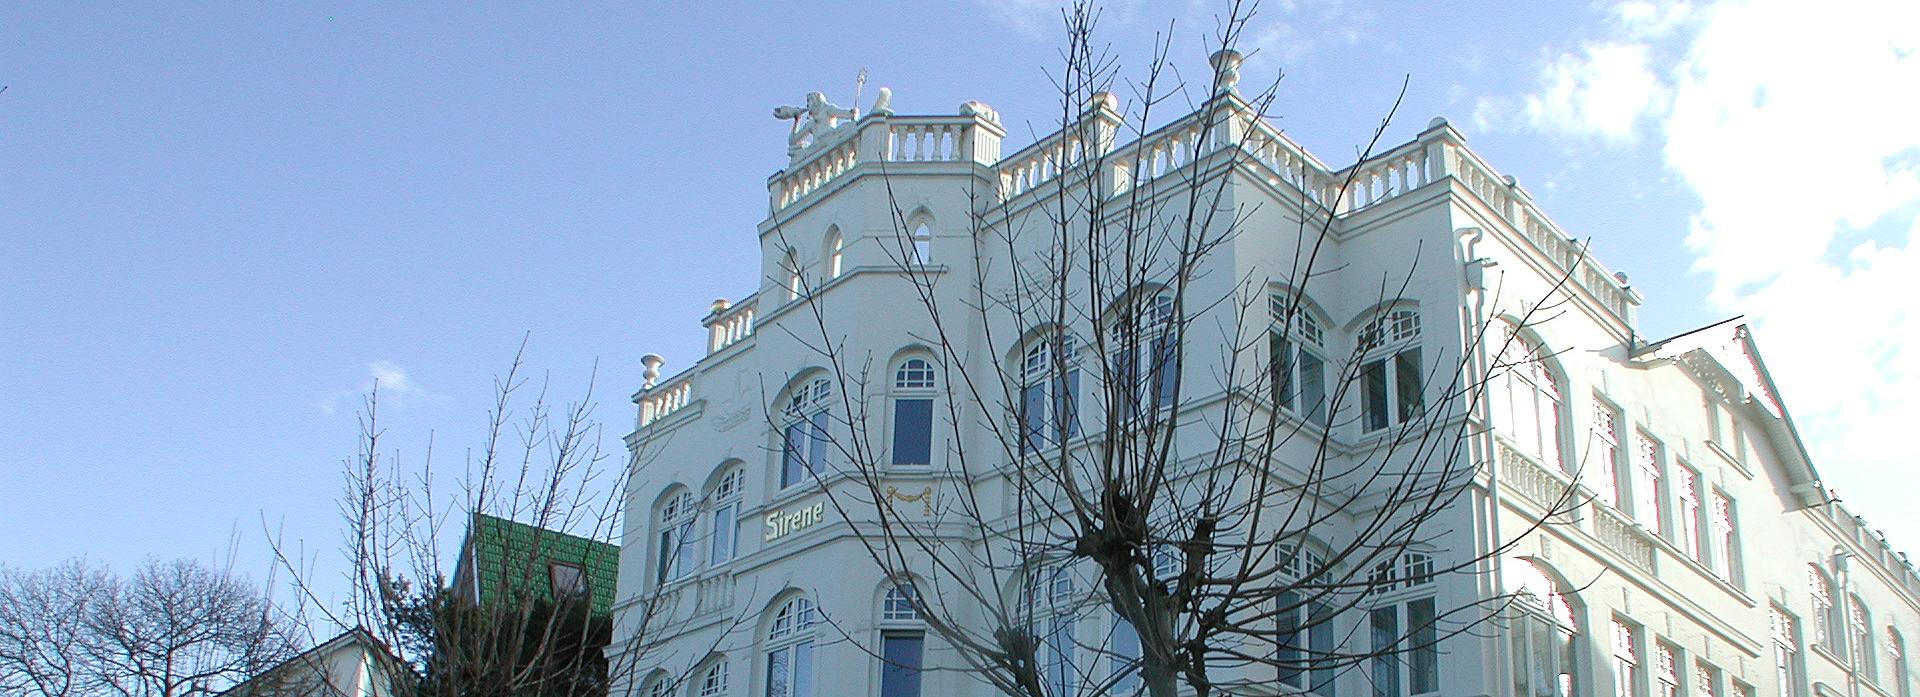 Villa Sirene Binz – Wohnung 4 und 12